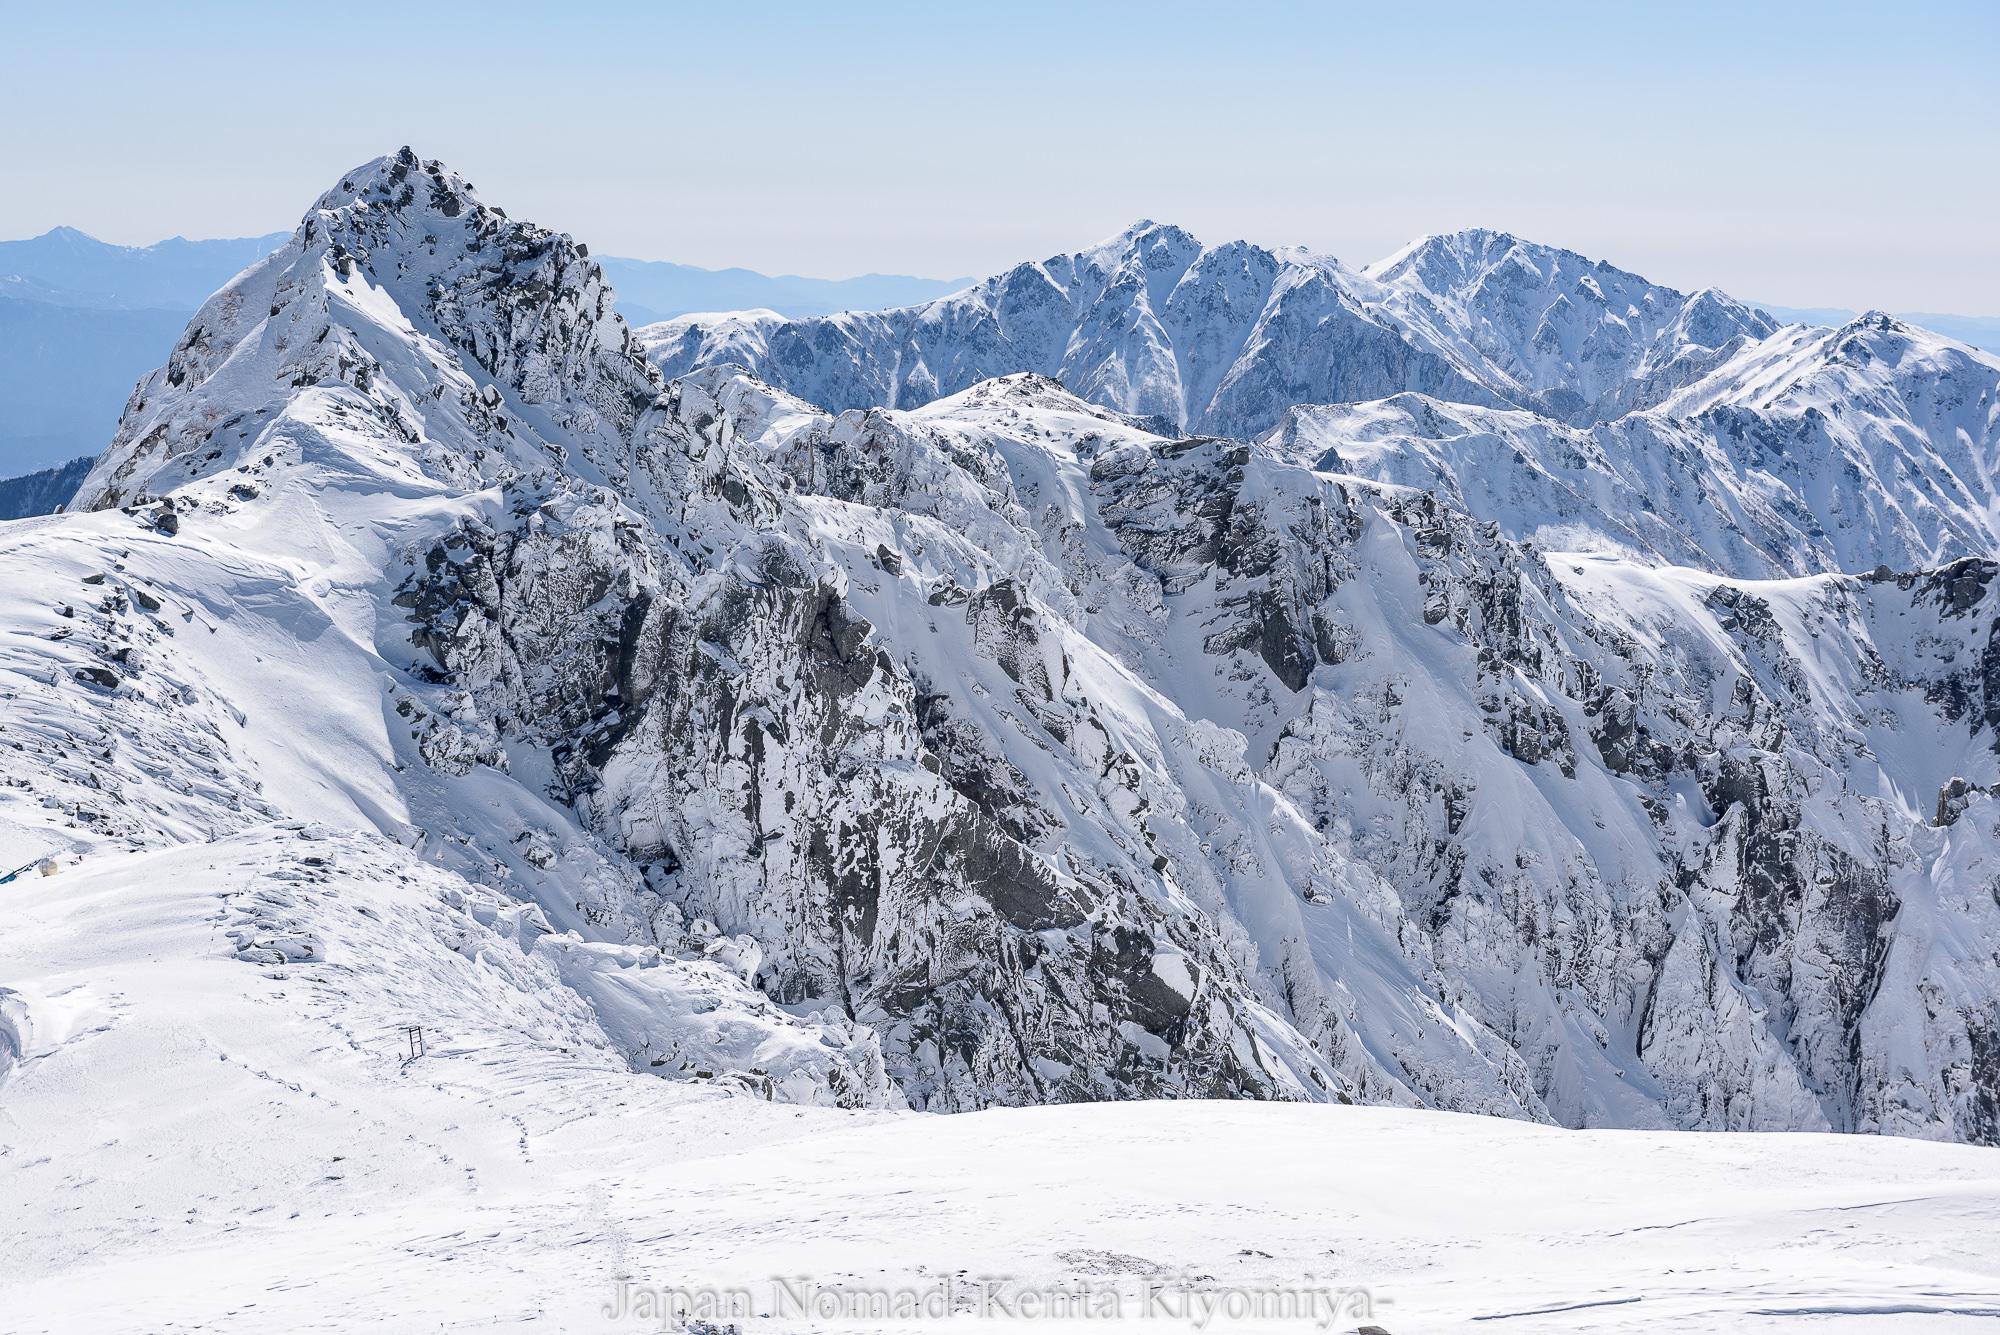 【中央アルプス】木曽駒ケ岳 雪山登山~絶景を約束された白銀の千畳敷カール~